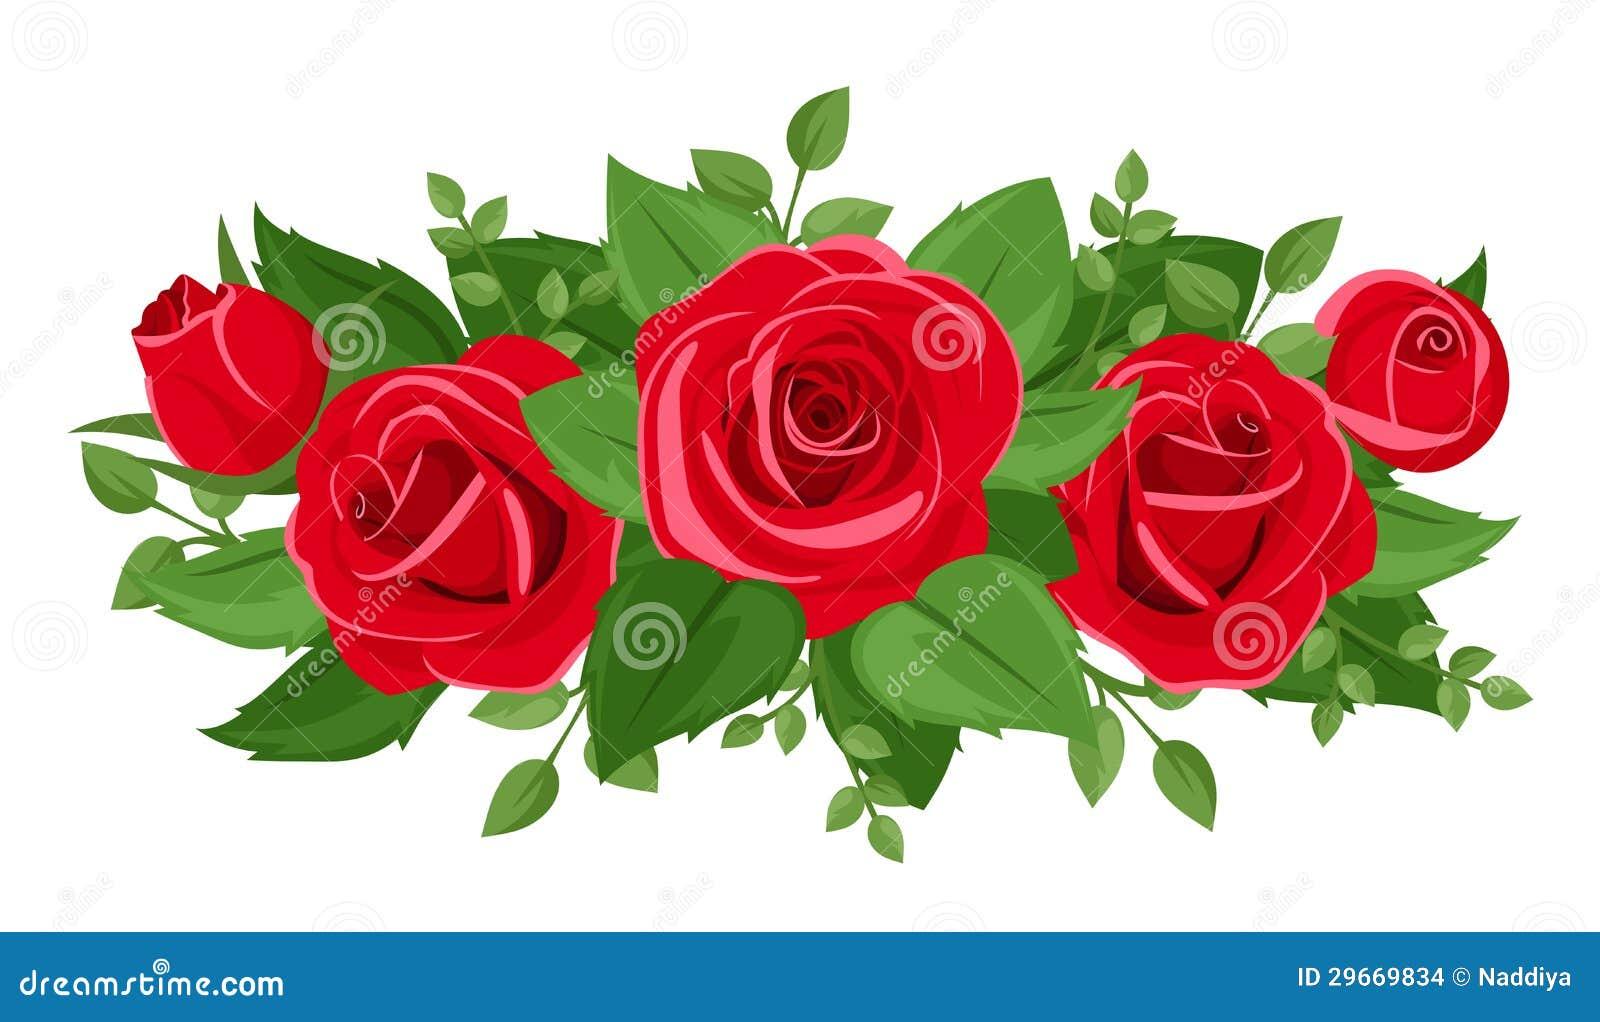 Rose rosse boccioli di rosa e foglie immagini stock for Immagini vector